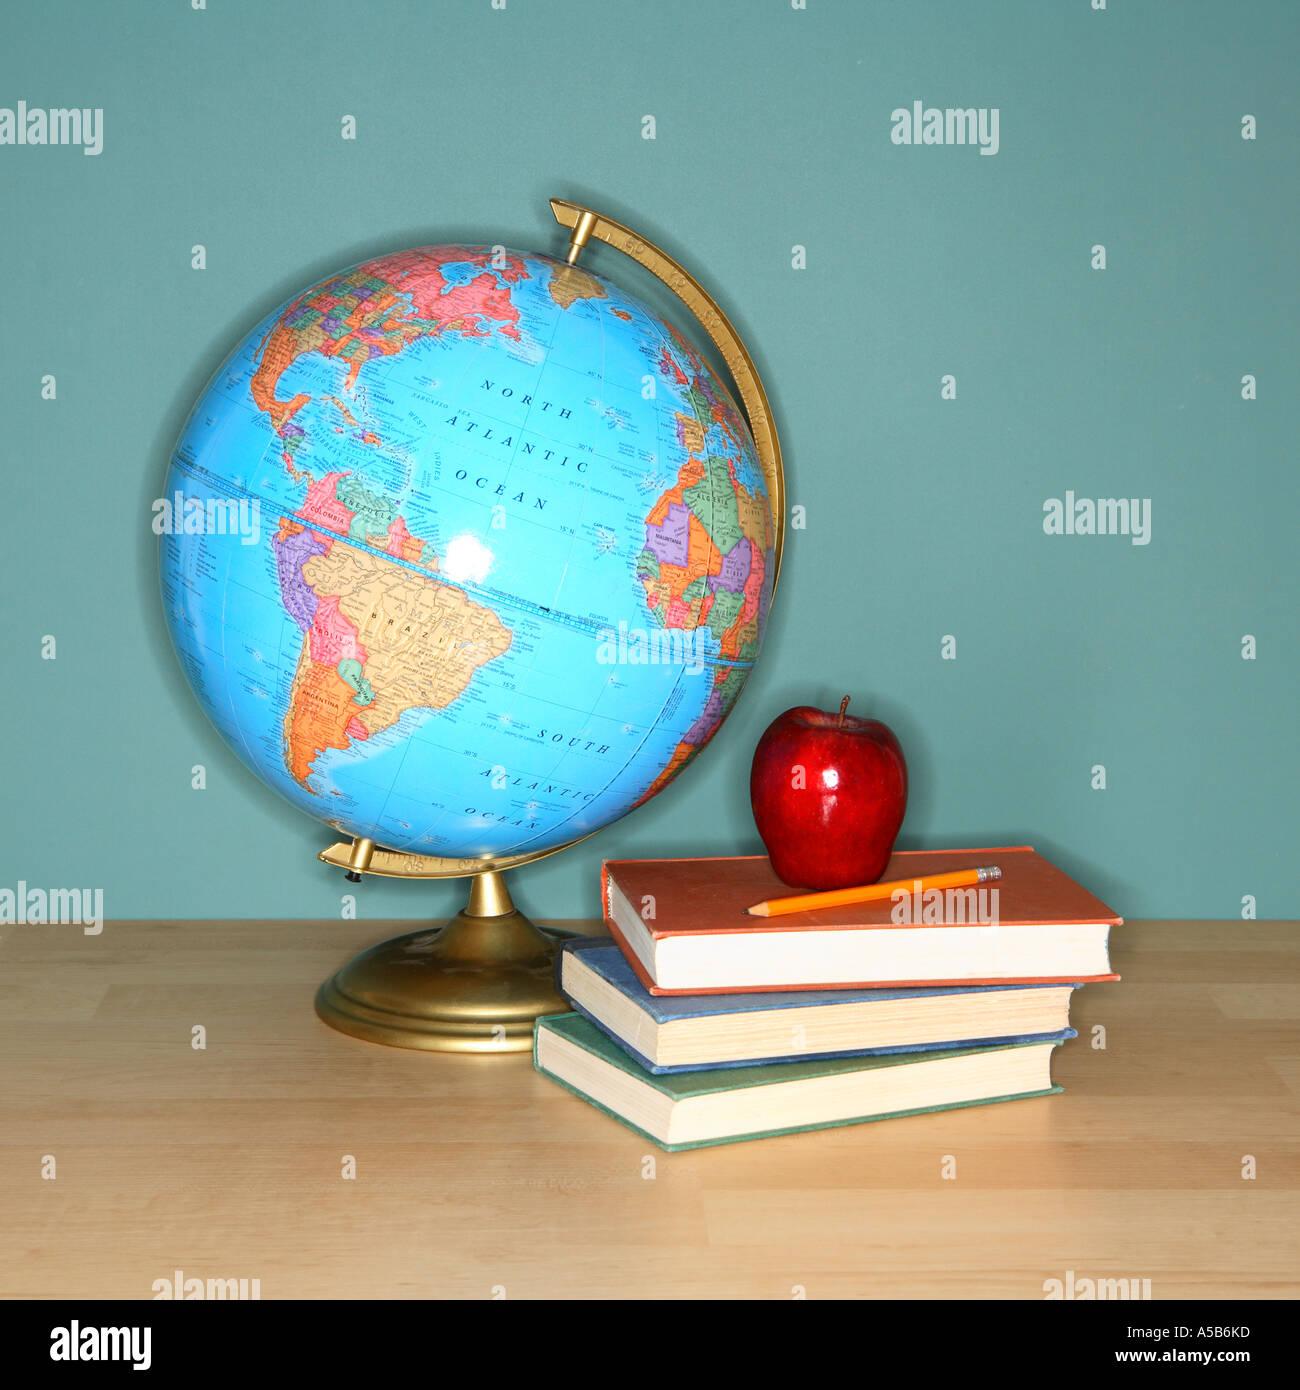 Todavía la vida escolar Imagen De Stock